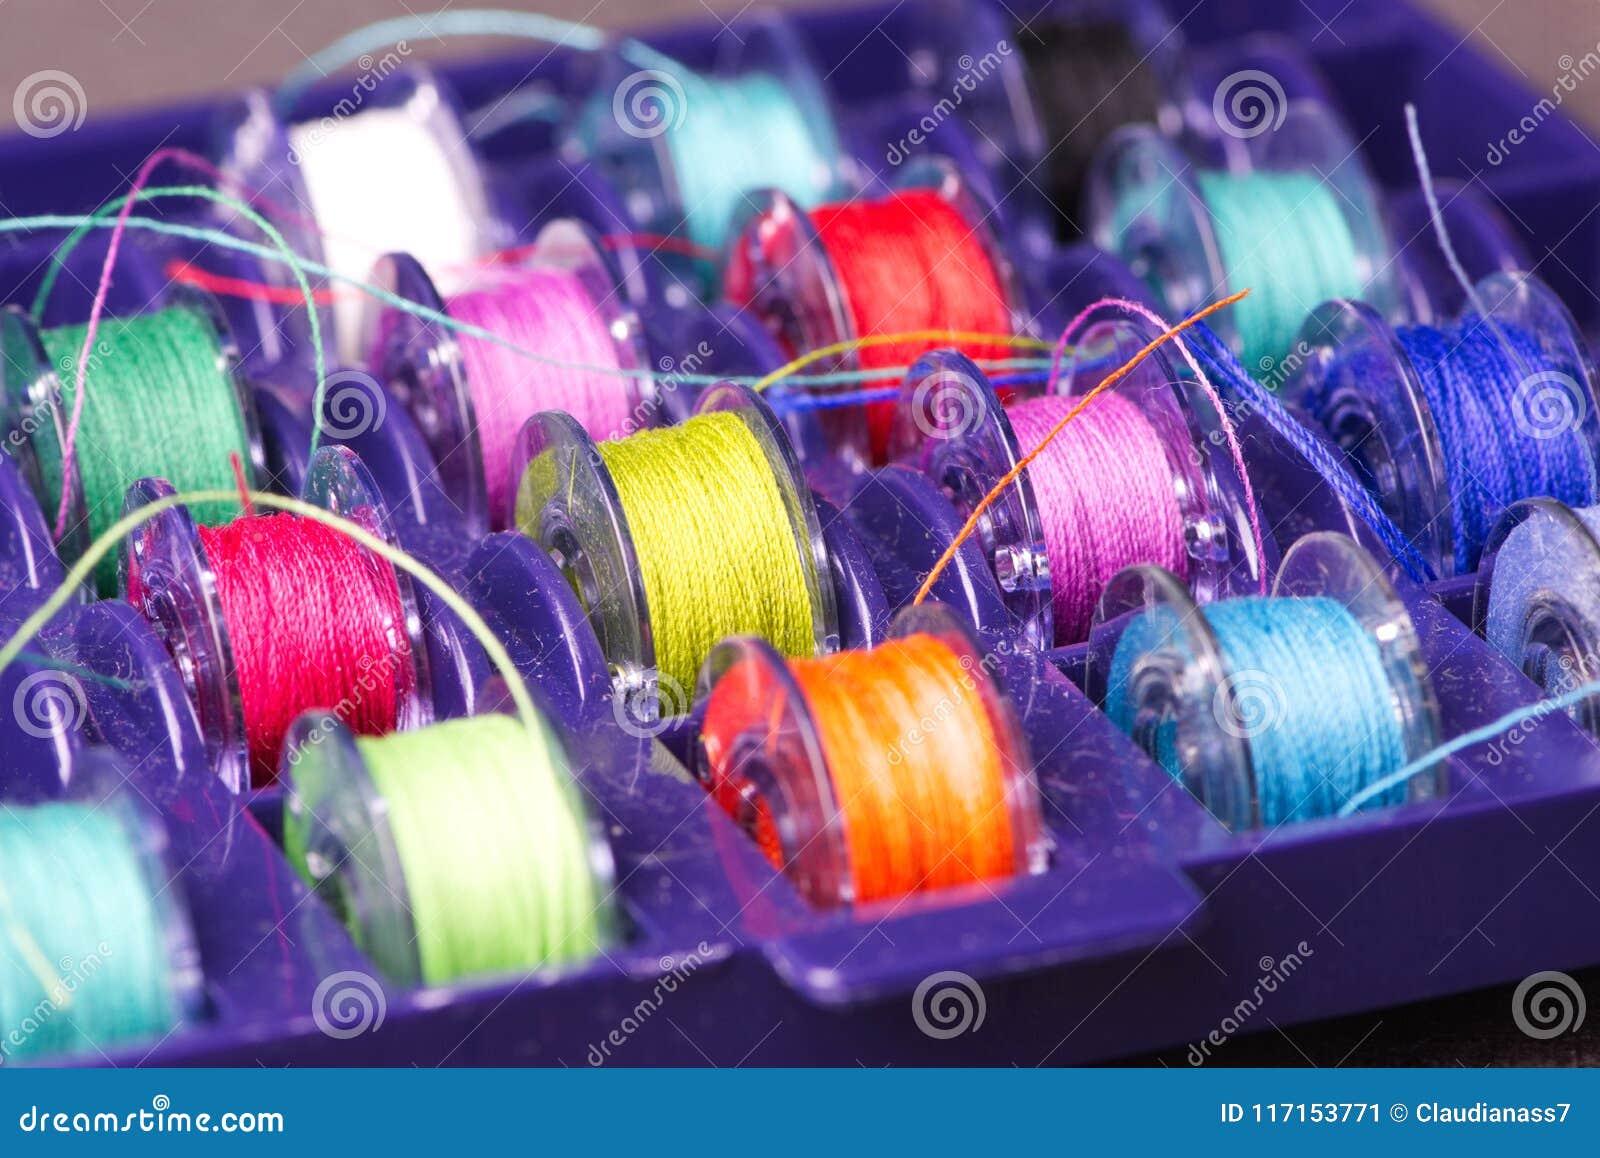 Plastikspulen mit farbigem Garn